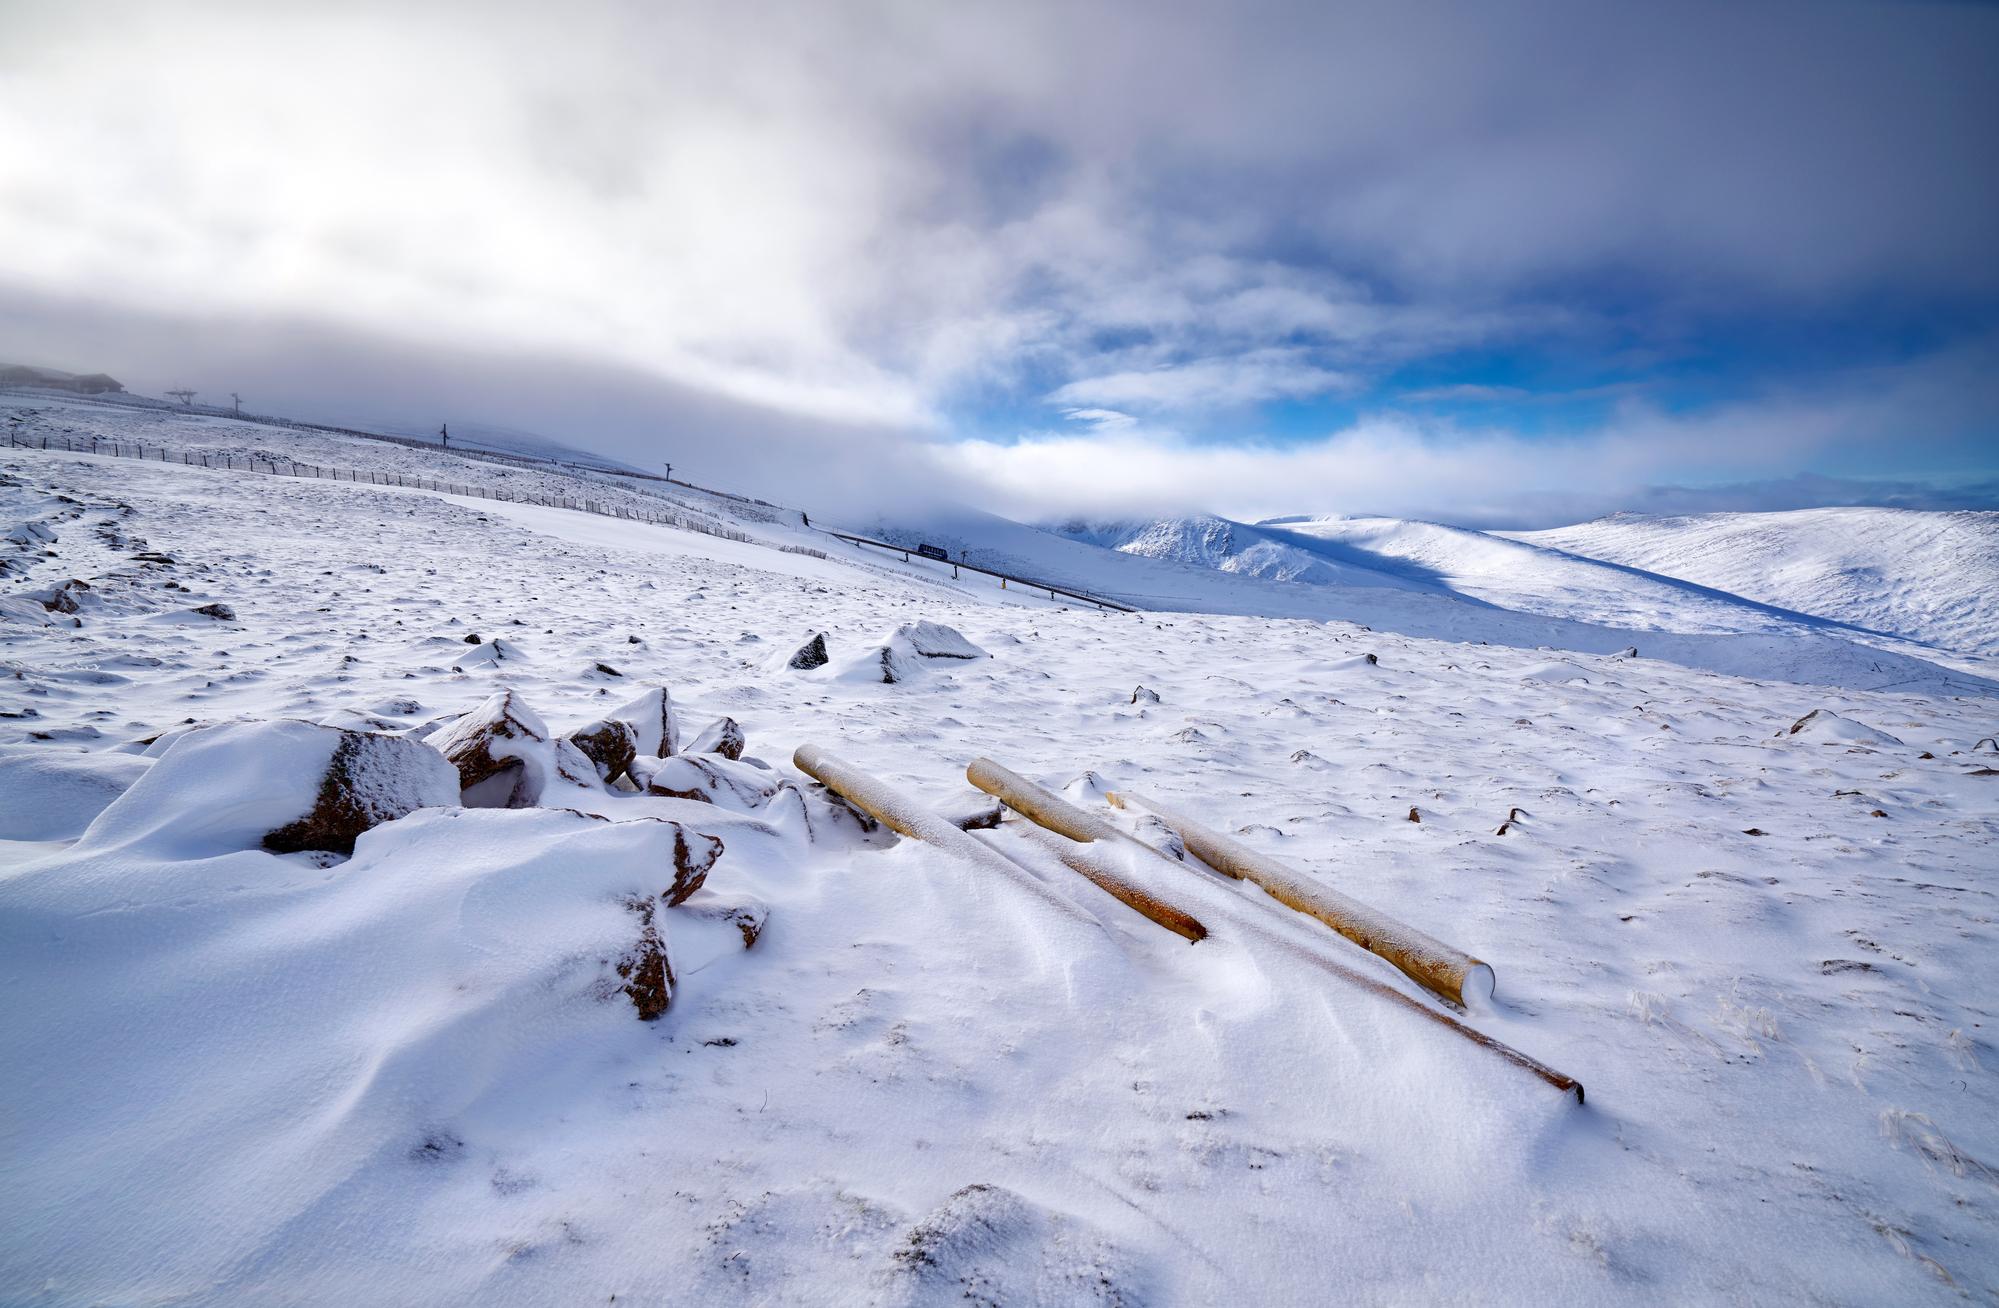 Les stations de sports d'hiver ne sont pas à la fête en cette fin d'année /crédit DepositPhoto